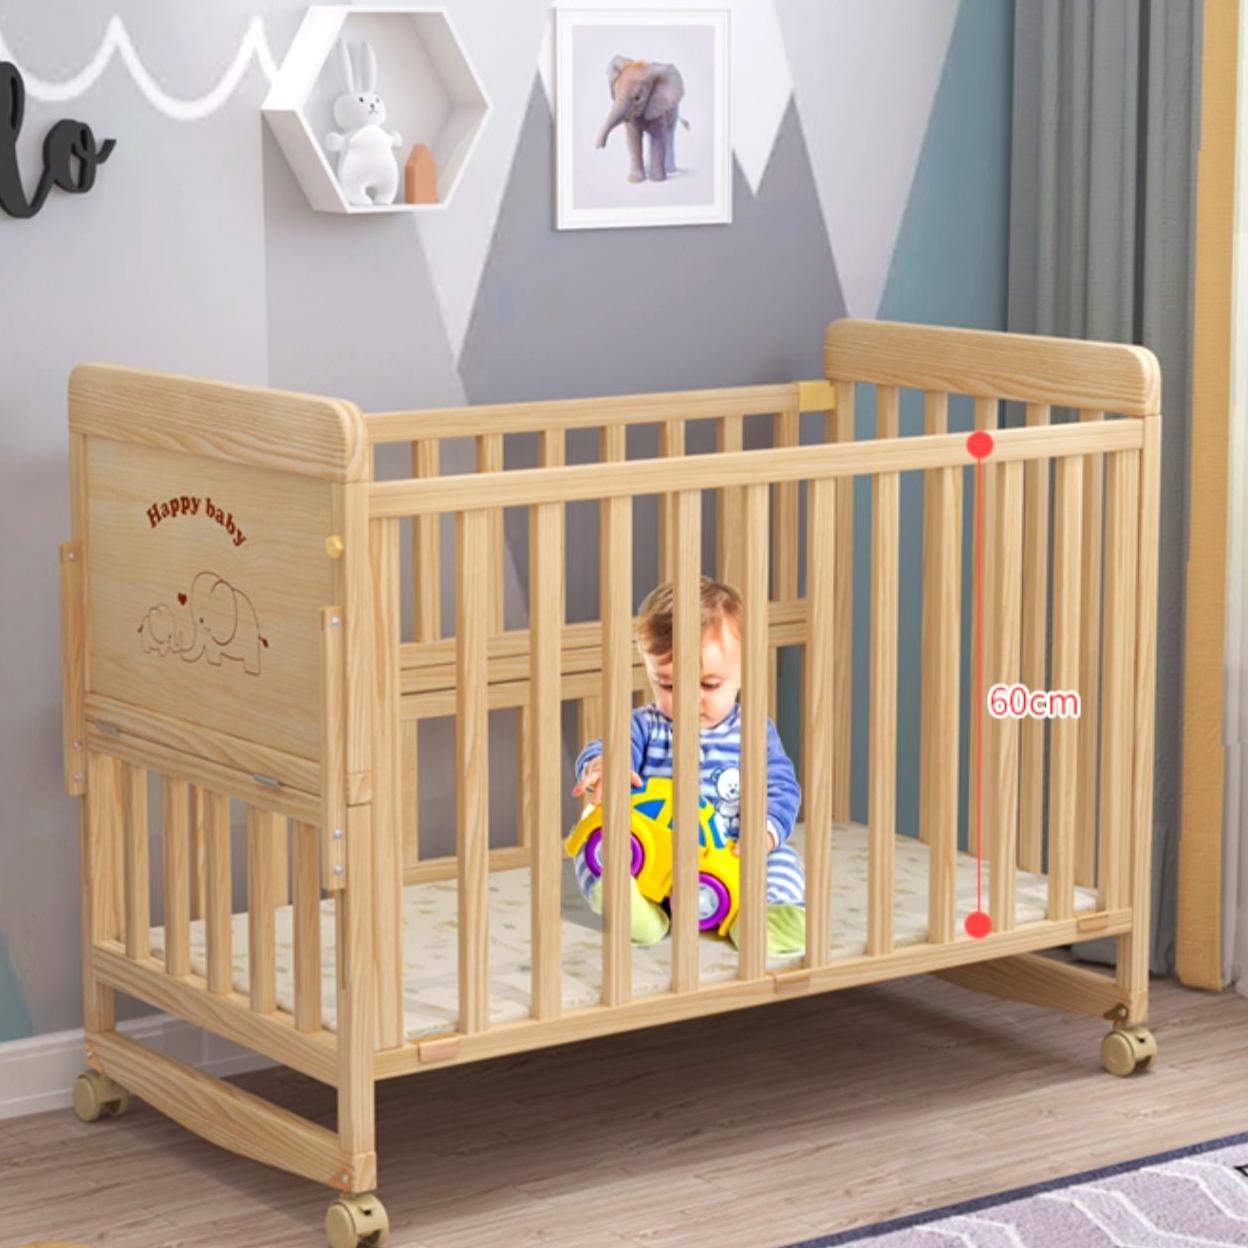 Детские кровати / Люльки Артикул 595173524957